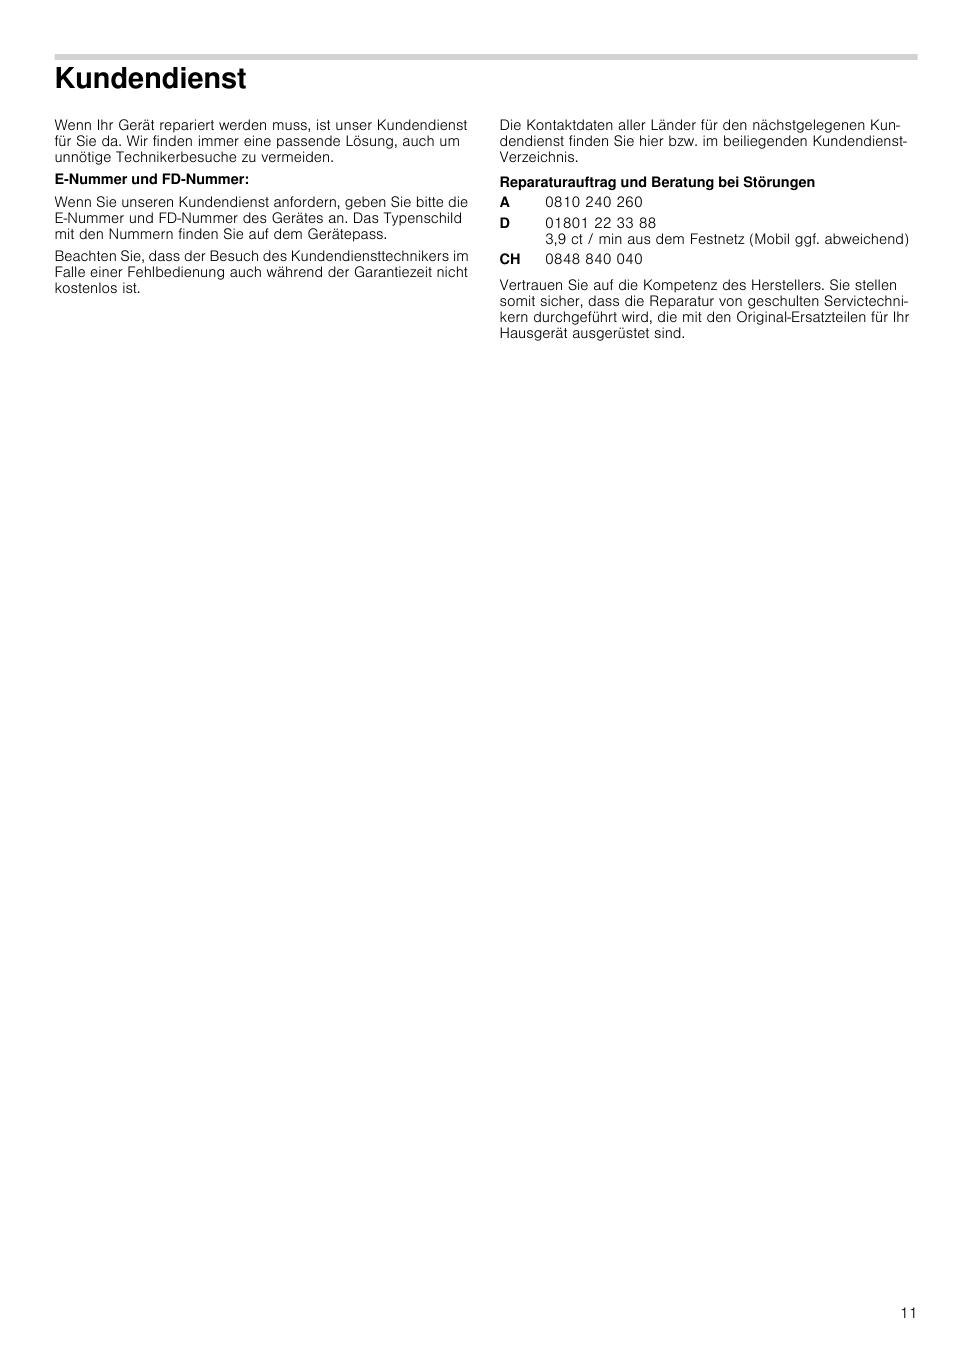 Kundendienst E Nummer Und Fd Nummer Reparaturauftrag Und Beratung